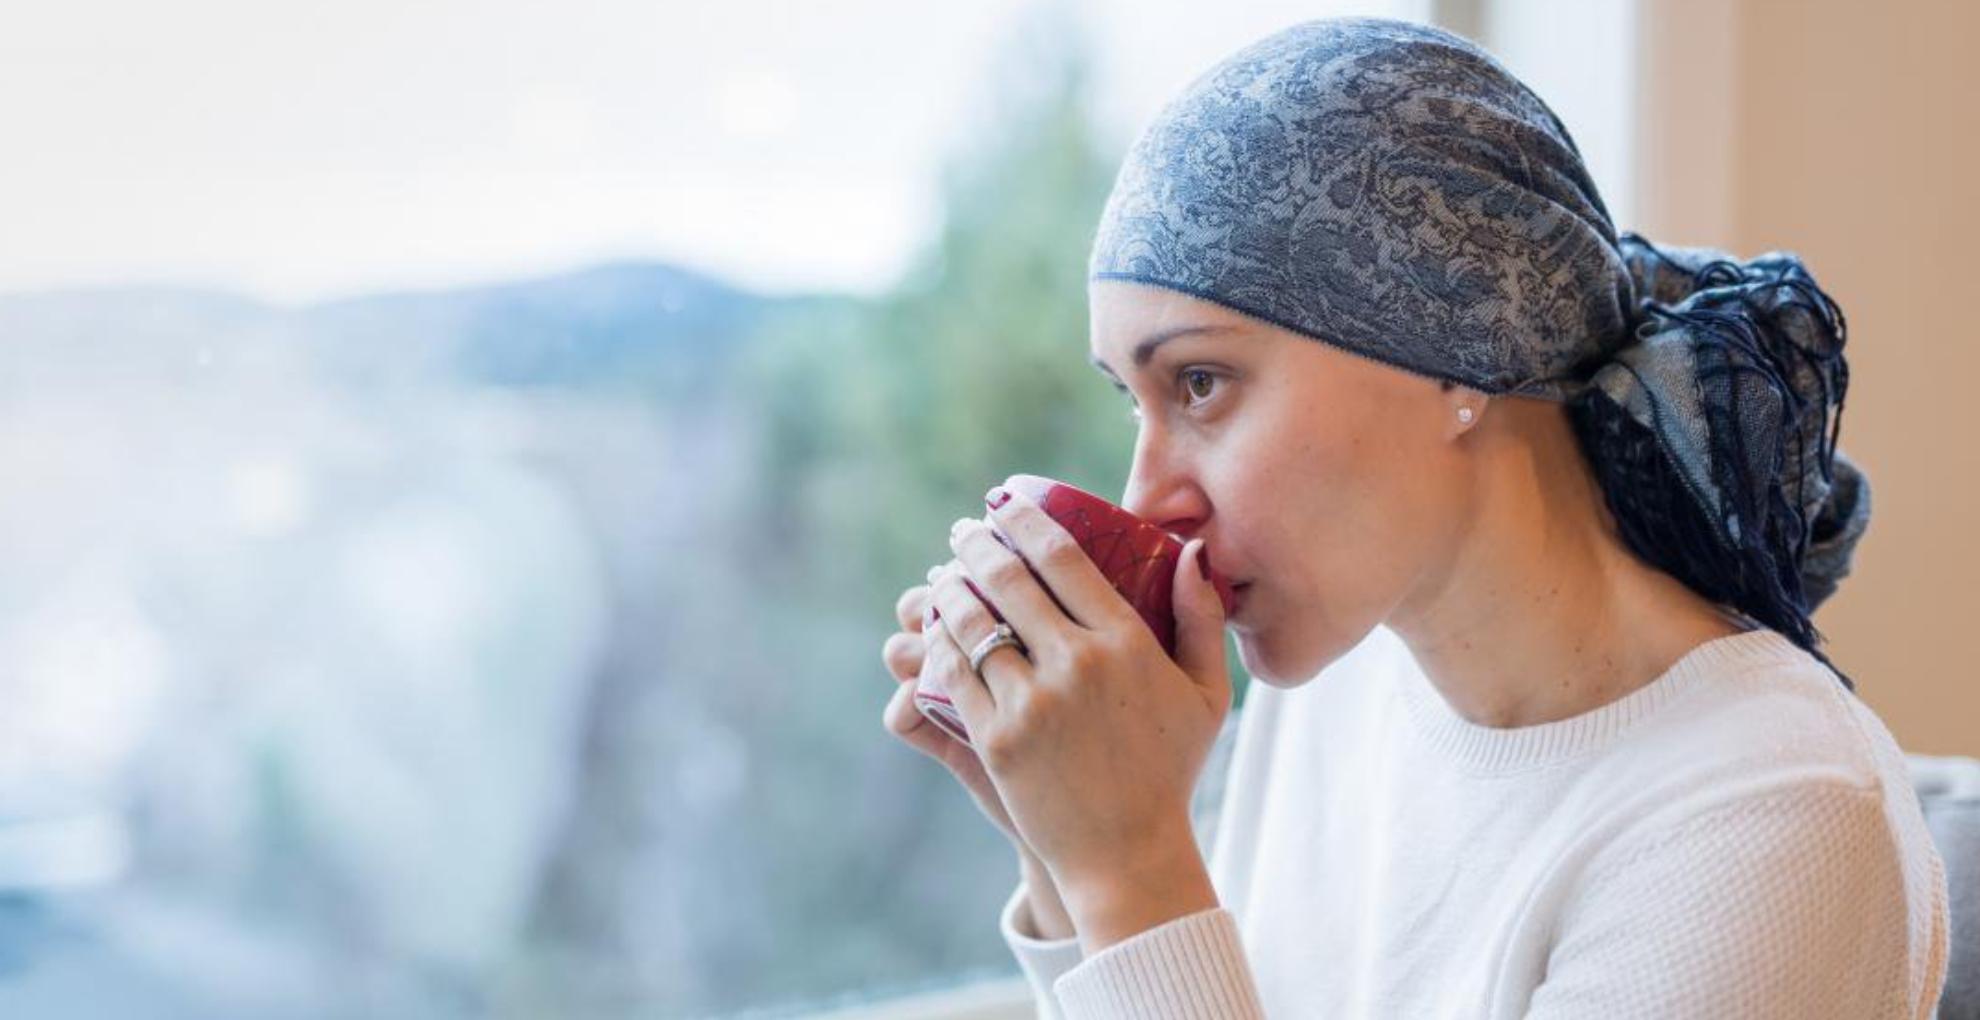 Health Tips: कैंसर आपको छू भी नहीं सकेगा, हर रोज पिएं इस सब्जी का जूस, जानिए कैसे करें इसे इस्तेमाल